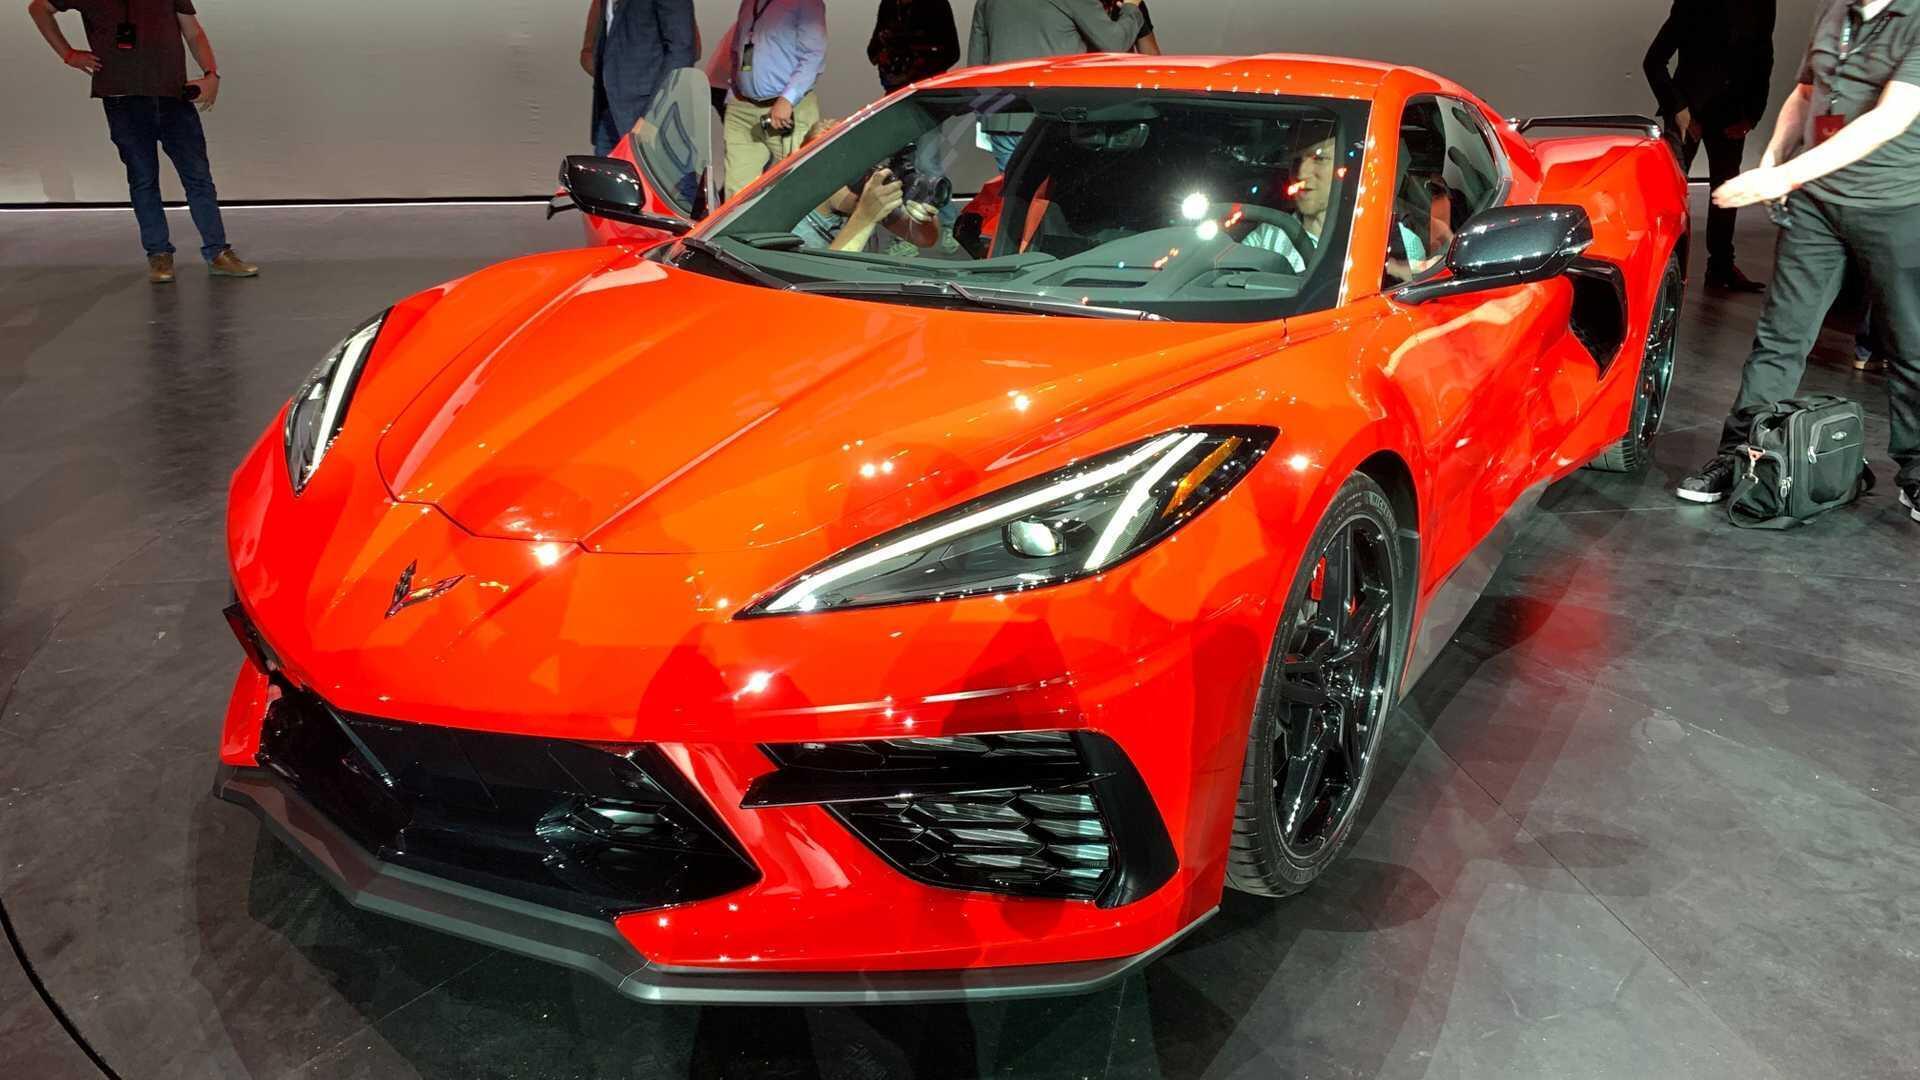 https://cdn.dailyxe.com.vn/image/chevrolet-corvette-2020-co-mot-so-tinh-nang-an-tuyet-voi-1-94511j2.jpg